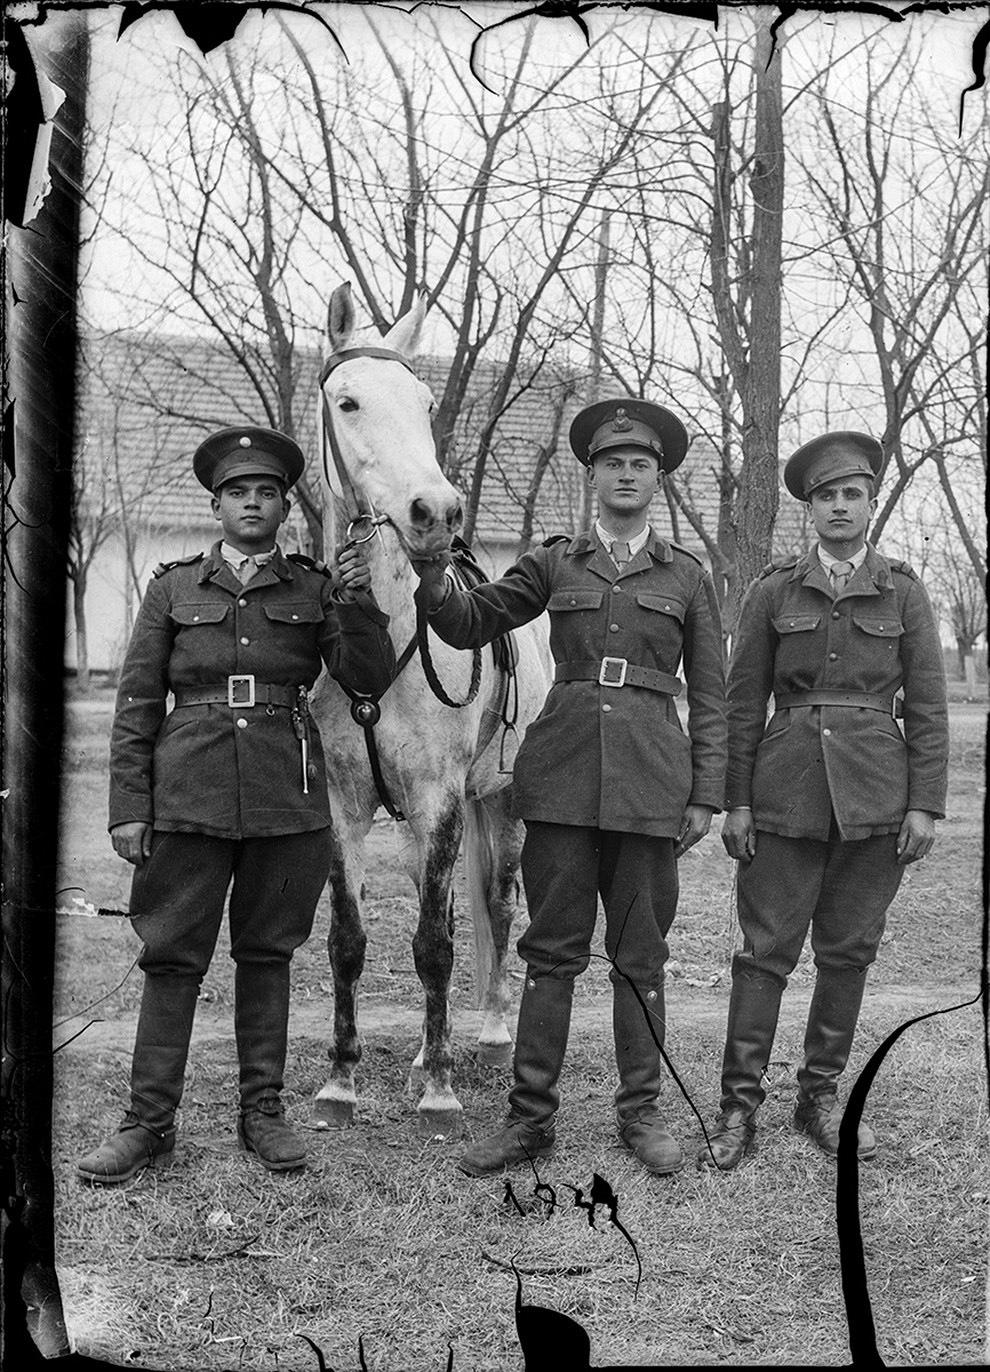 Militari în armata română.